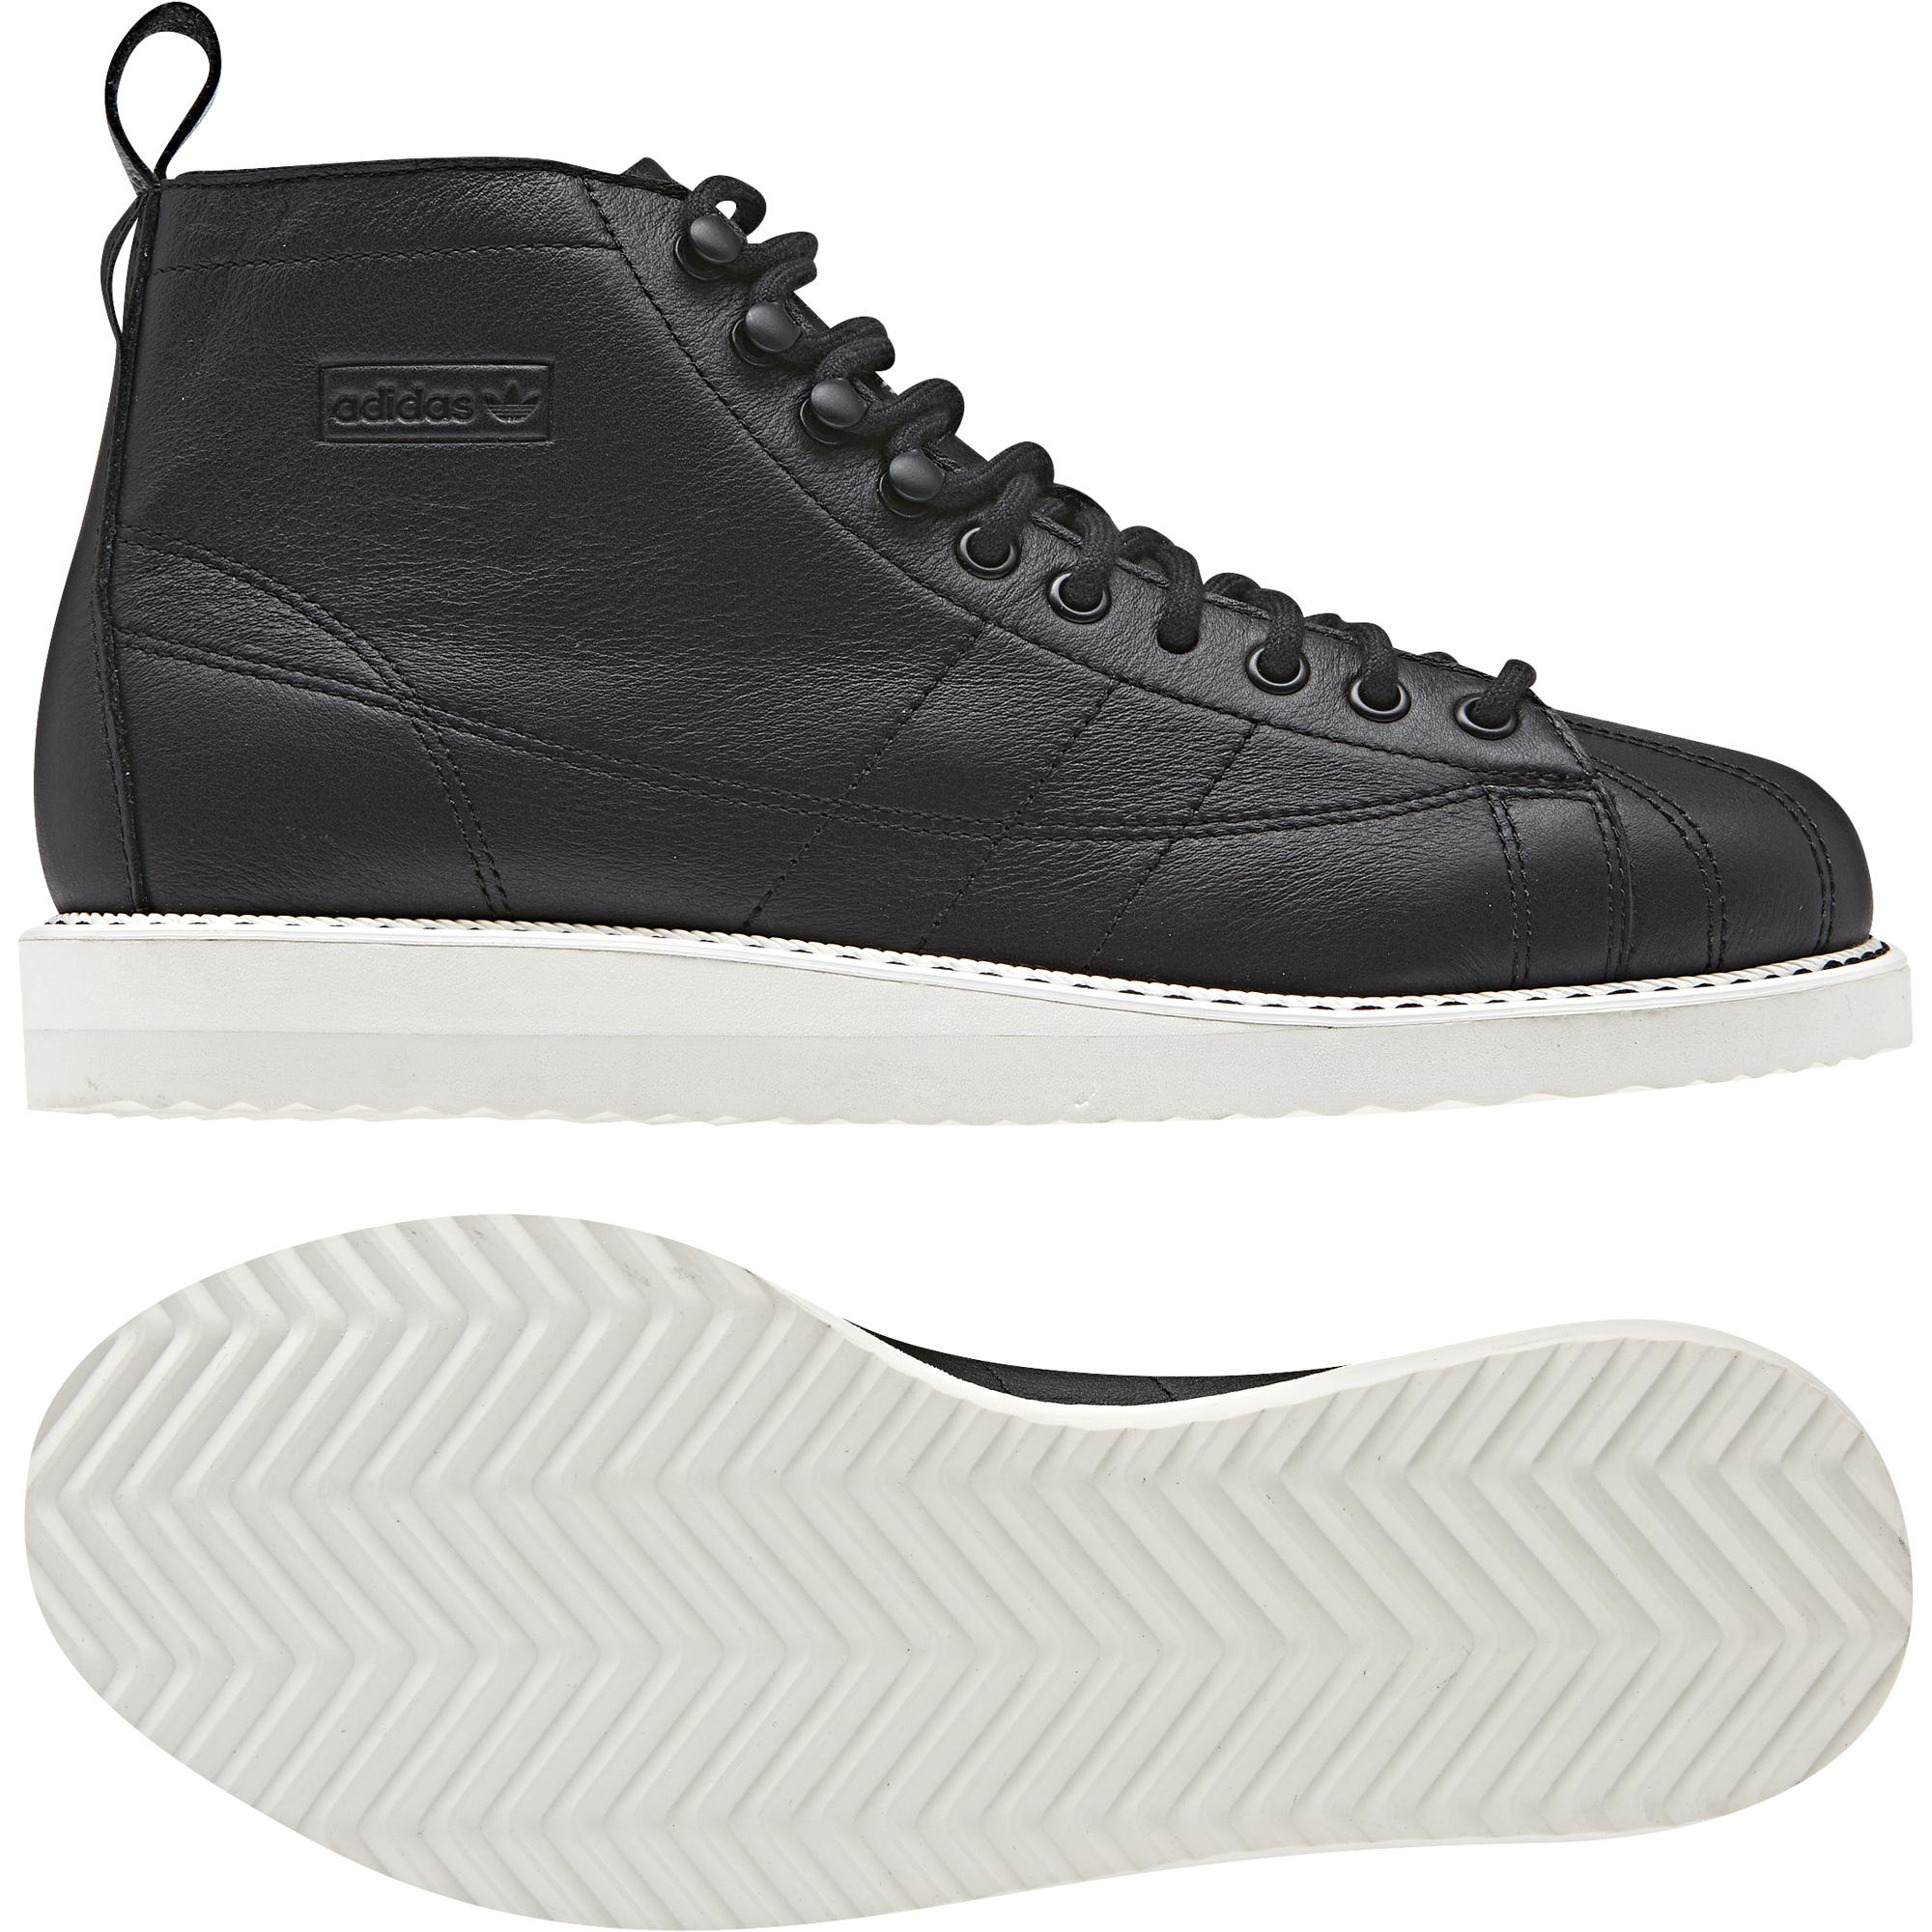 newest 767c9 2fc63 Chaussures femme adidas Superstar   Alltricks.com